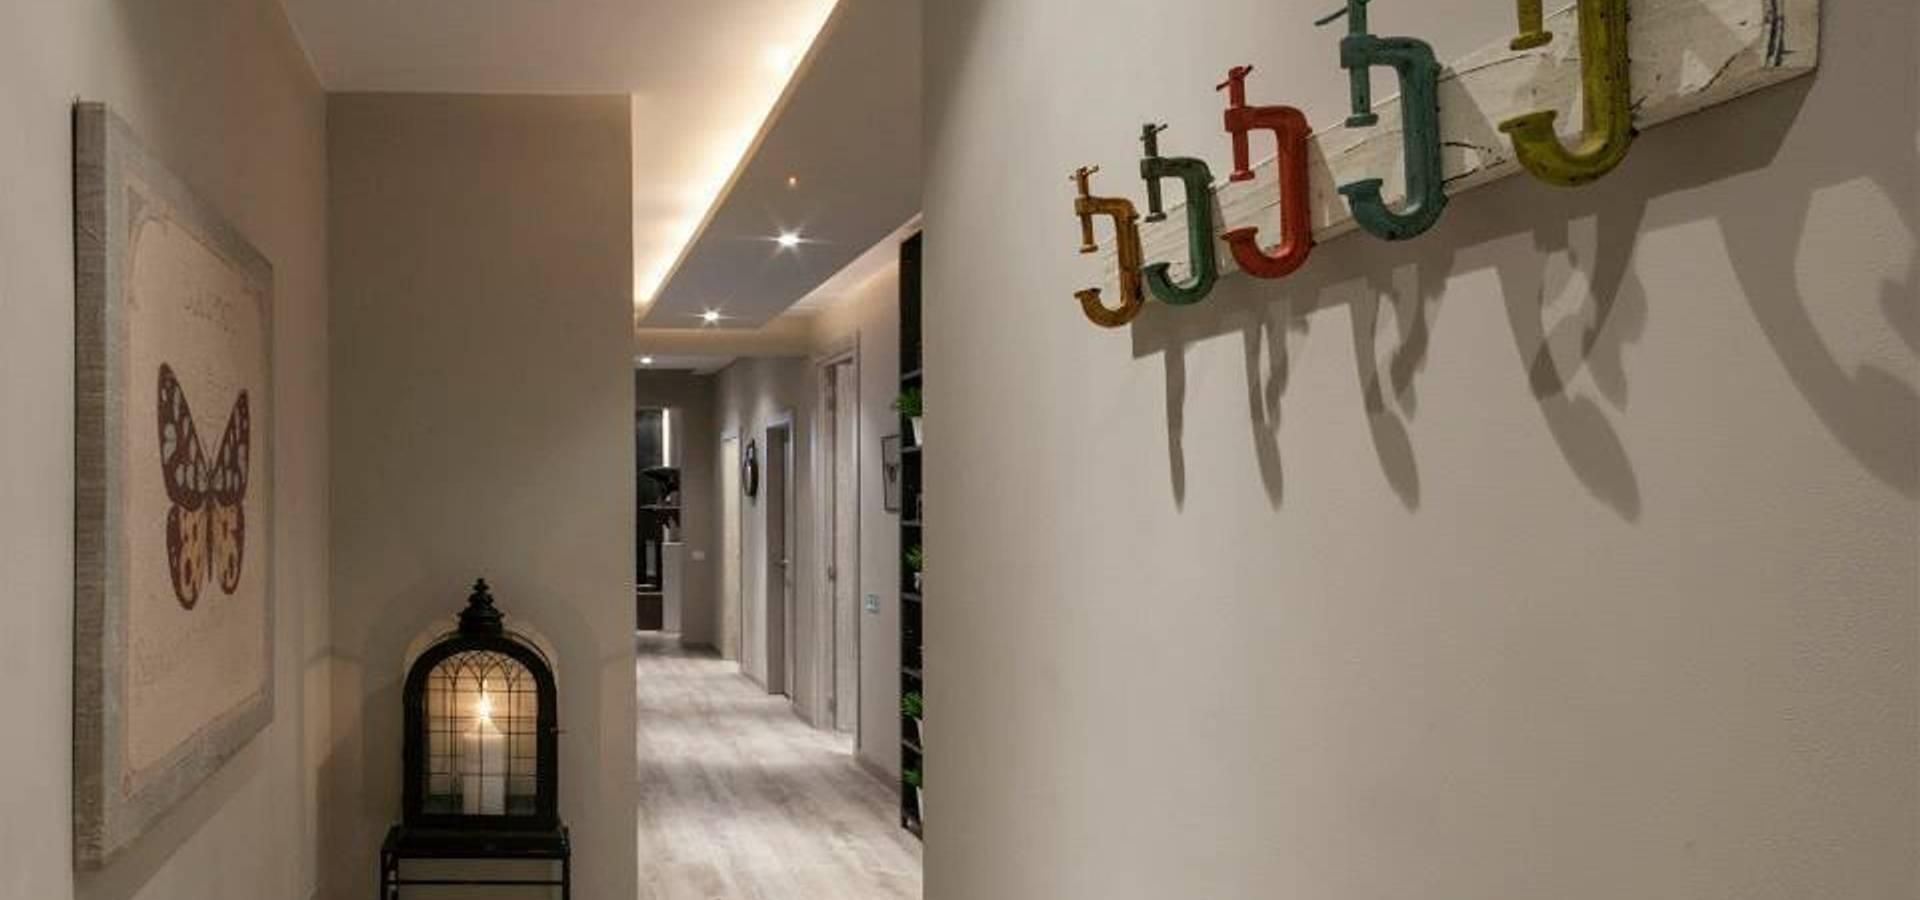 Time2dsign decoradores y dise adores de interiores en - Decoradores de interiores barcelona ...